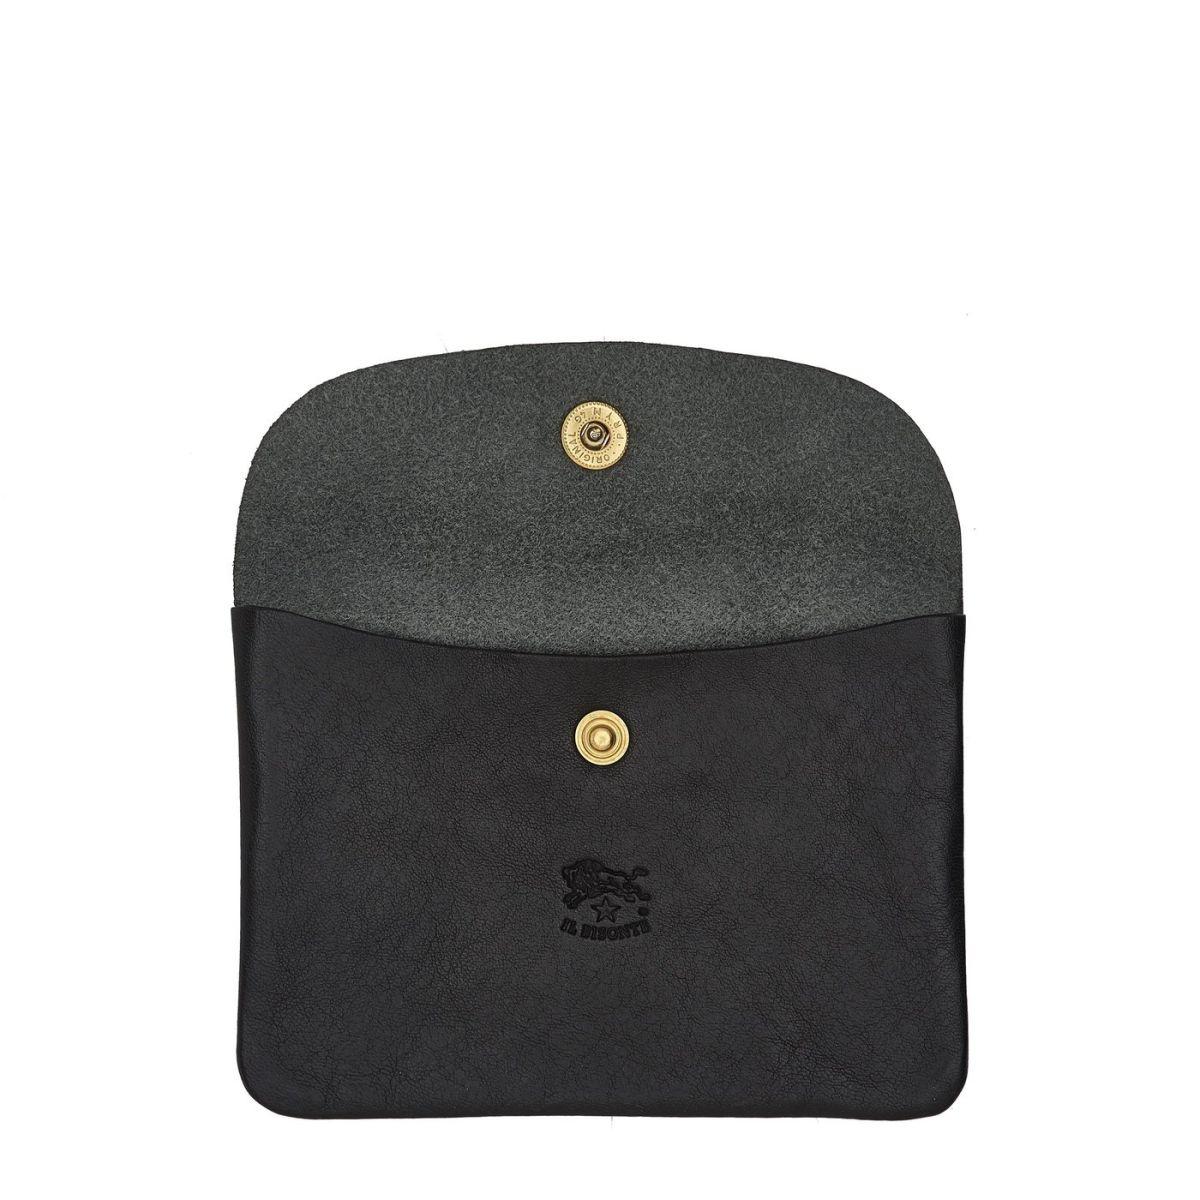 Étui  en Cuir De Vachette Doublé SCA008 couleur Noir | Details